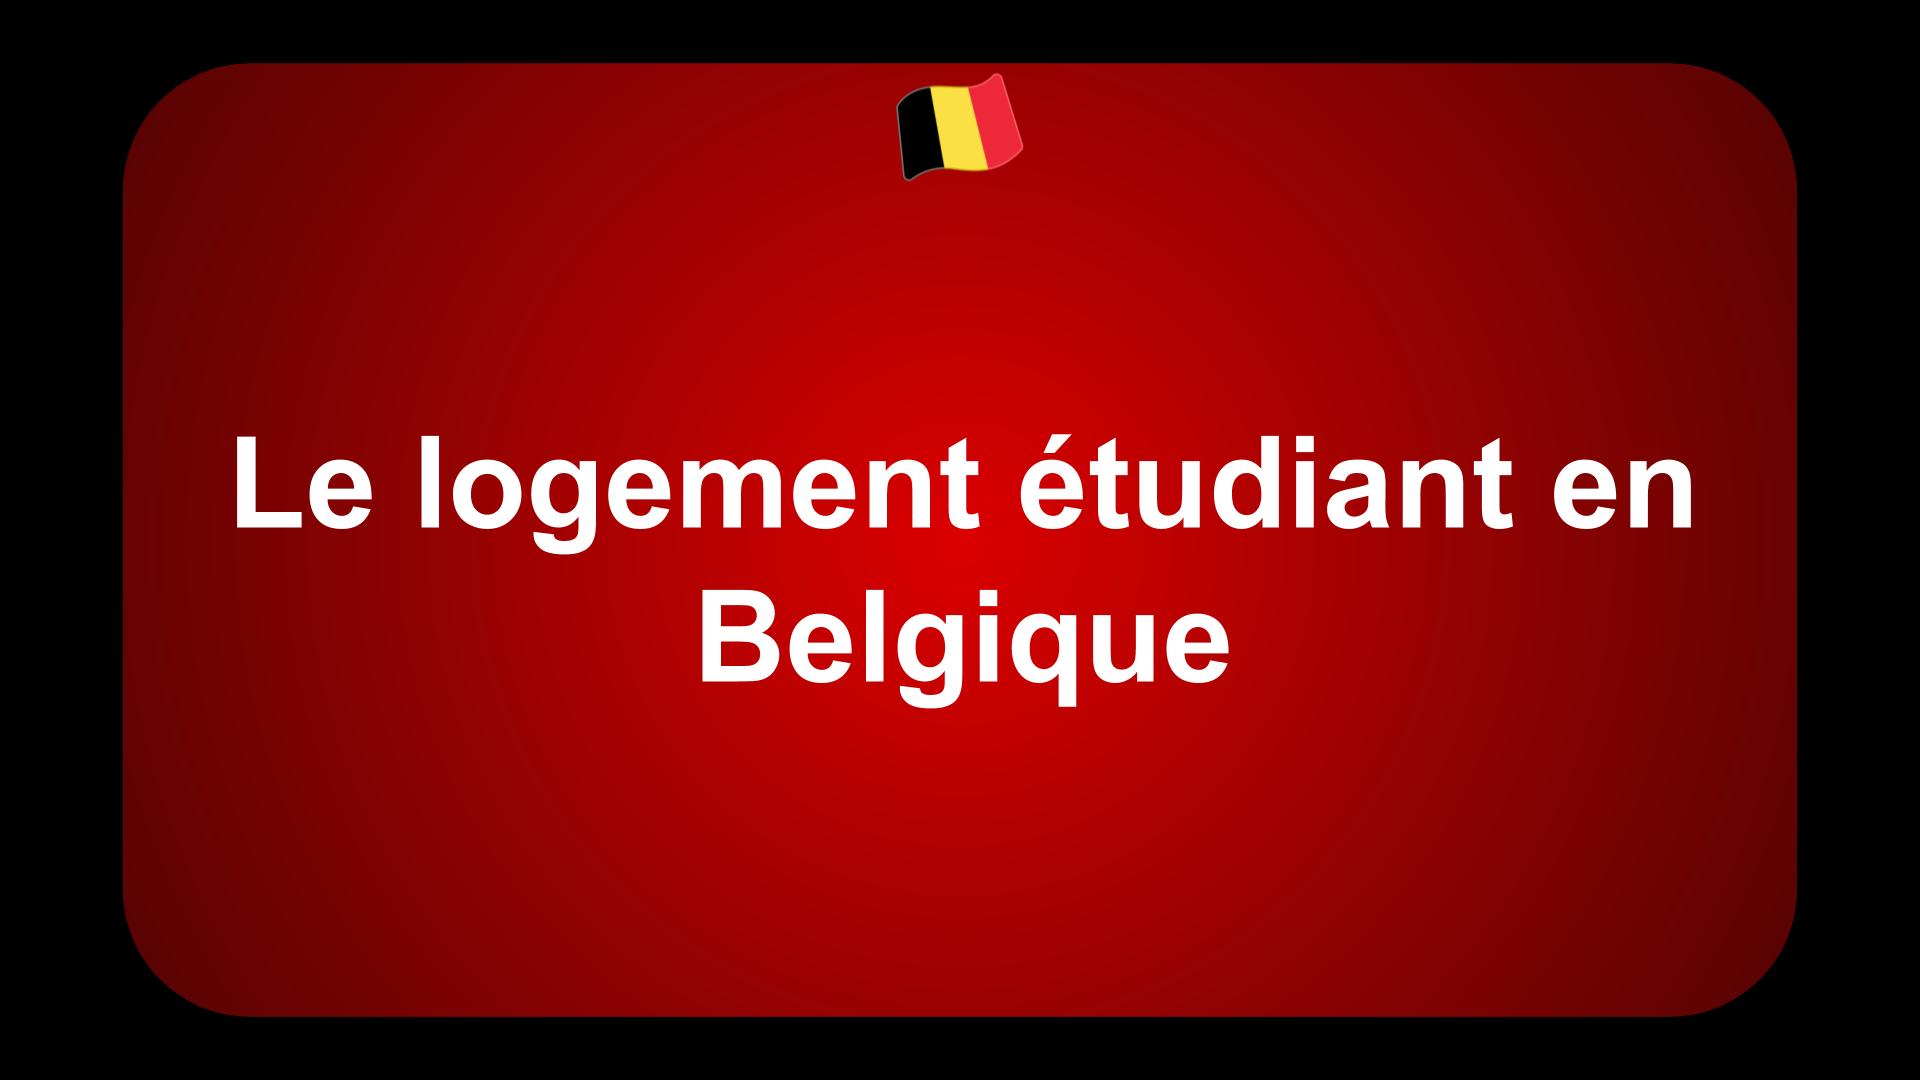 Le logement étudiant en Belgique